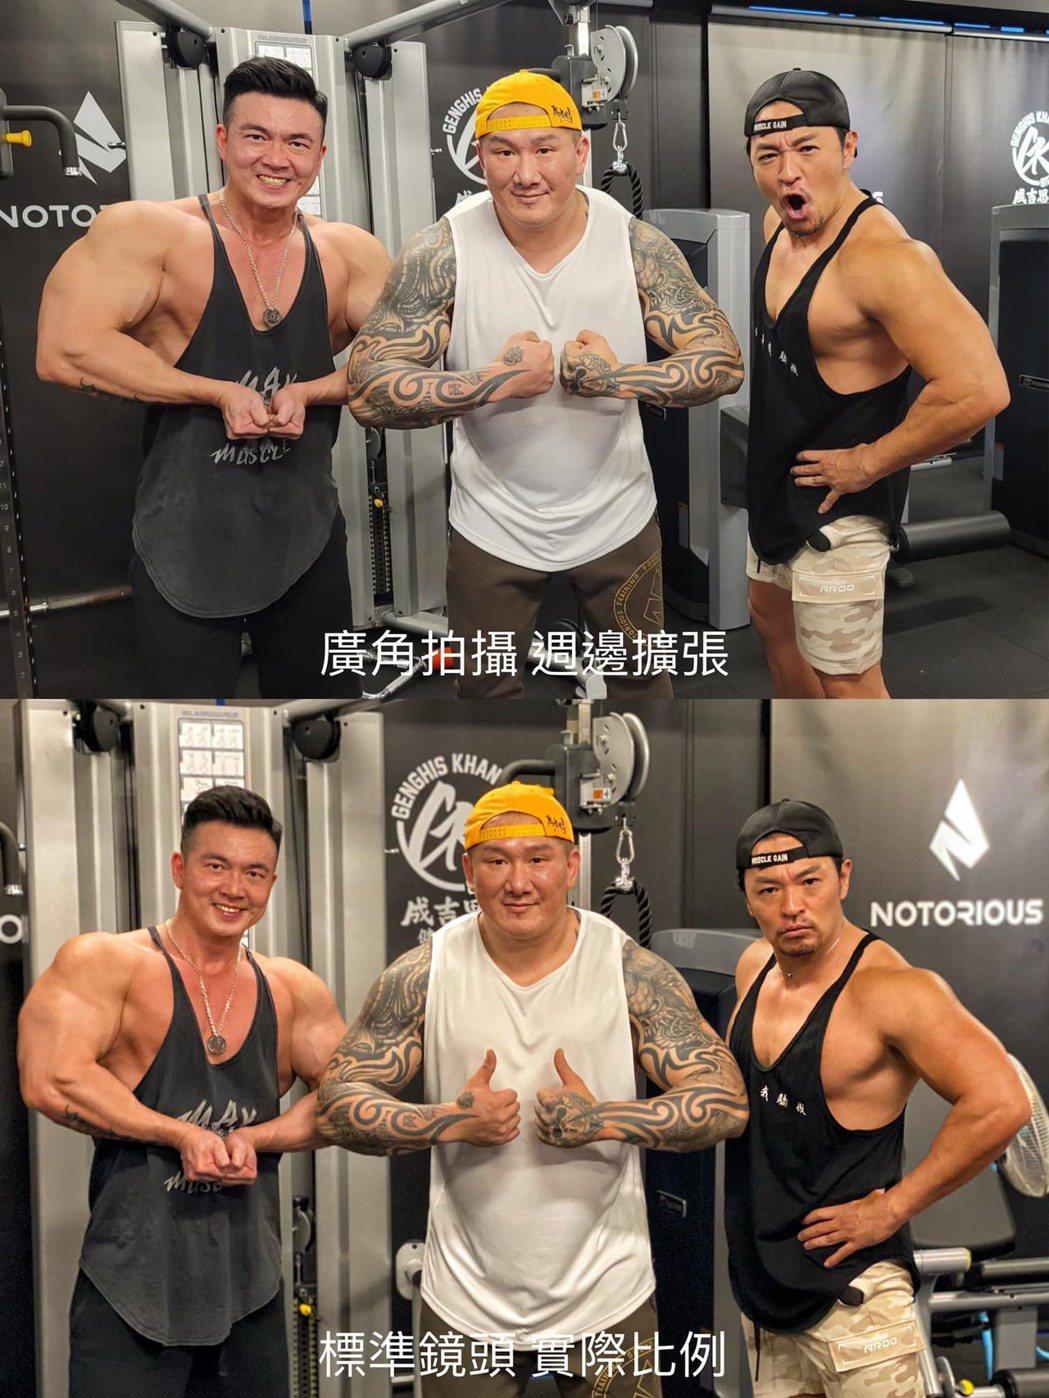 李沛旭與館長、夢多同框。圖/擷自李沛旭臉書